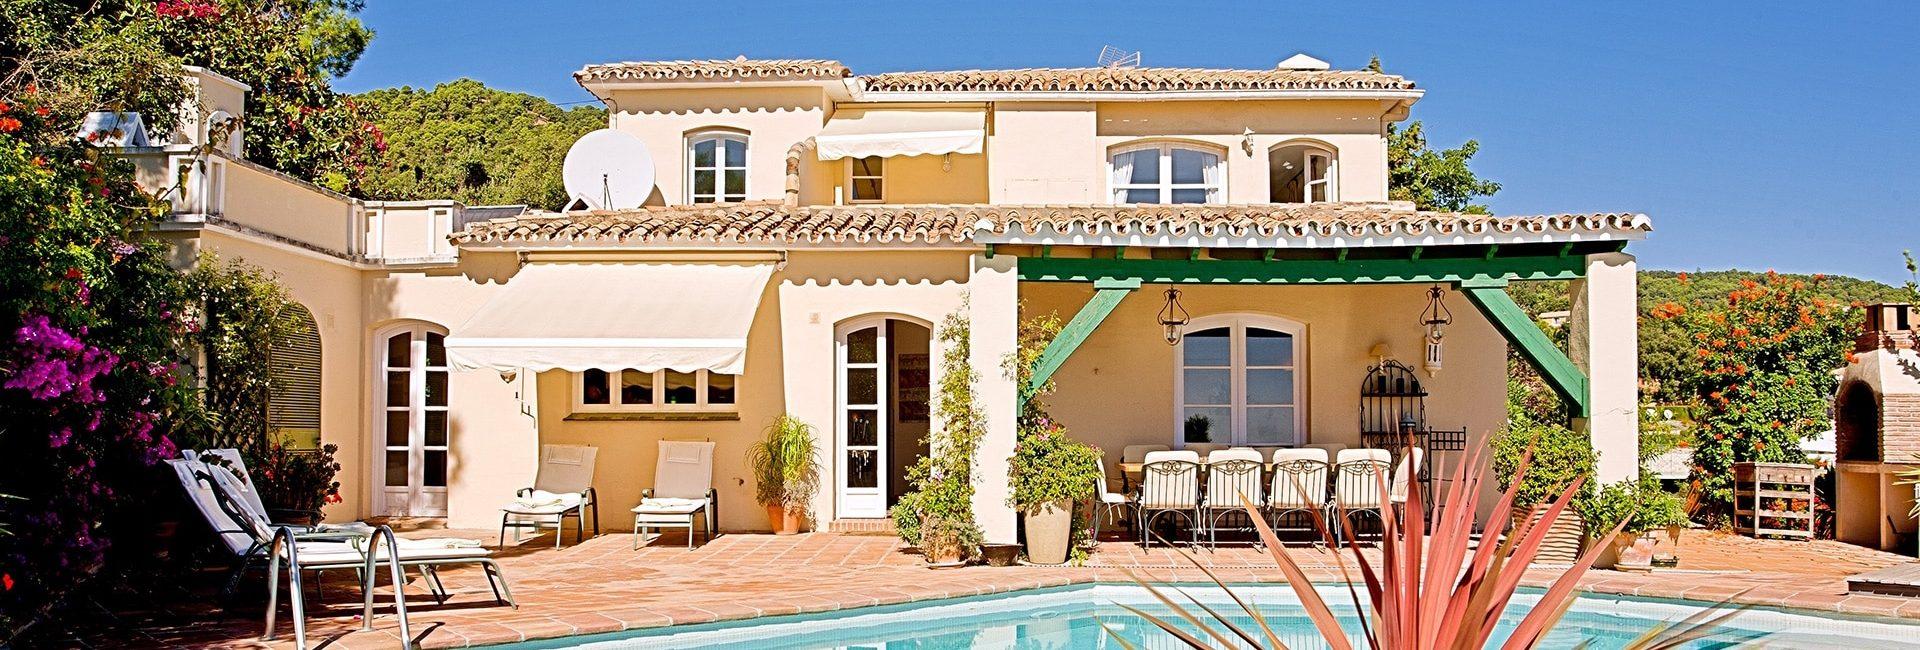 expat holiday villa interior design